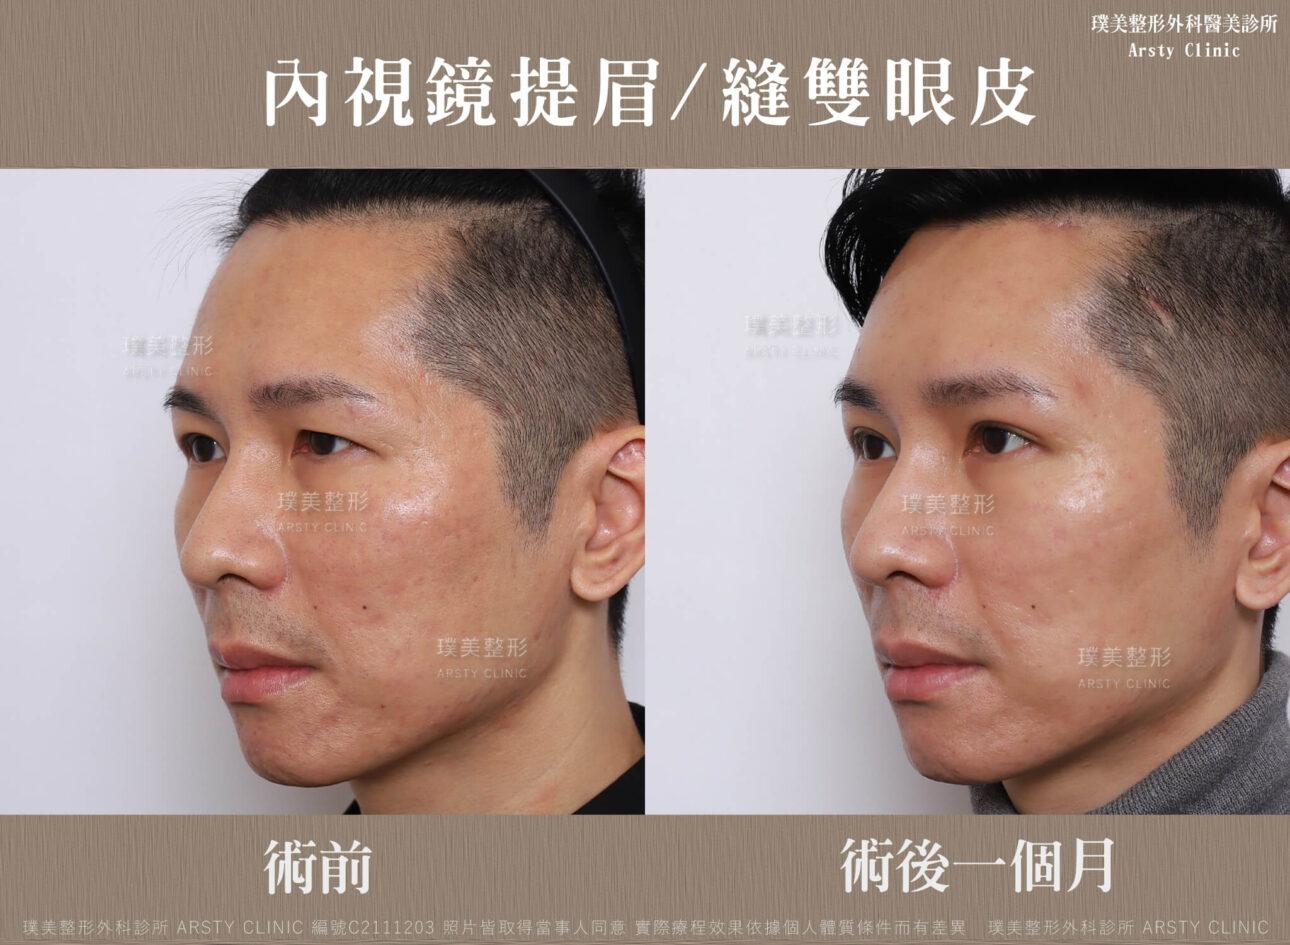 內視鏡提眉 縫雙眼皮 C211203BA03 2 6